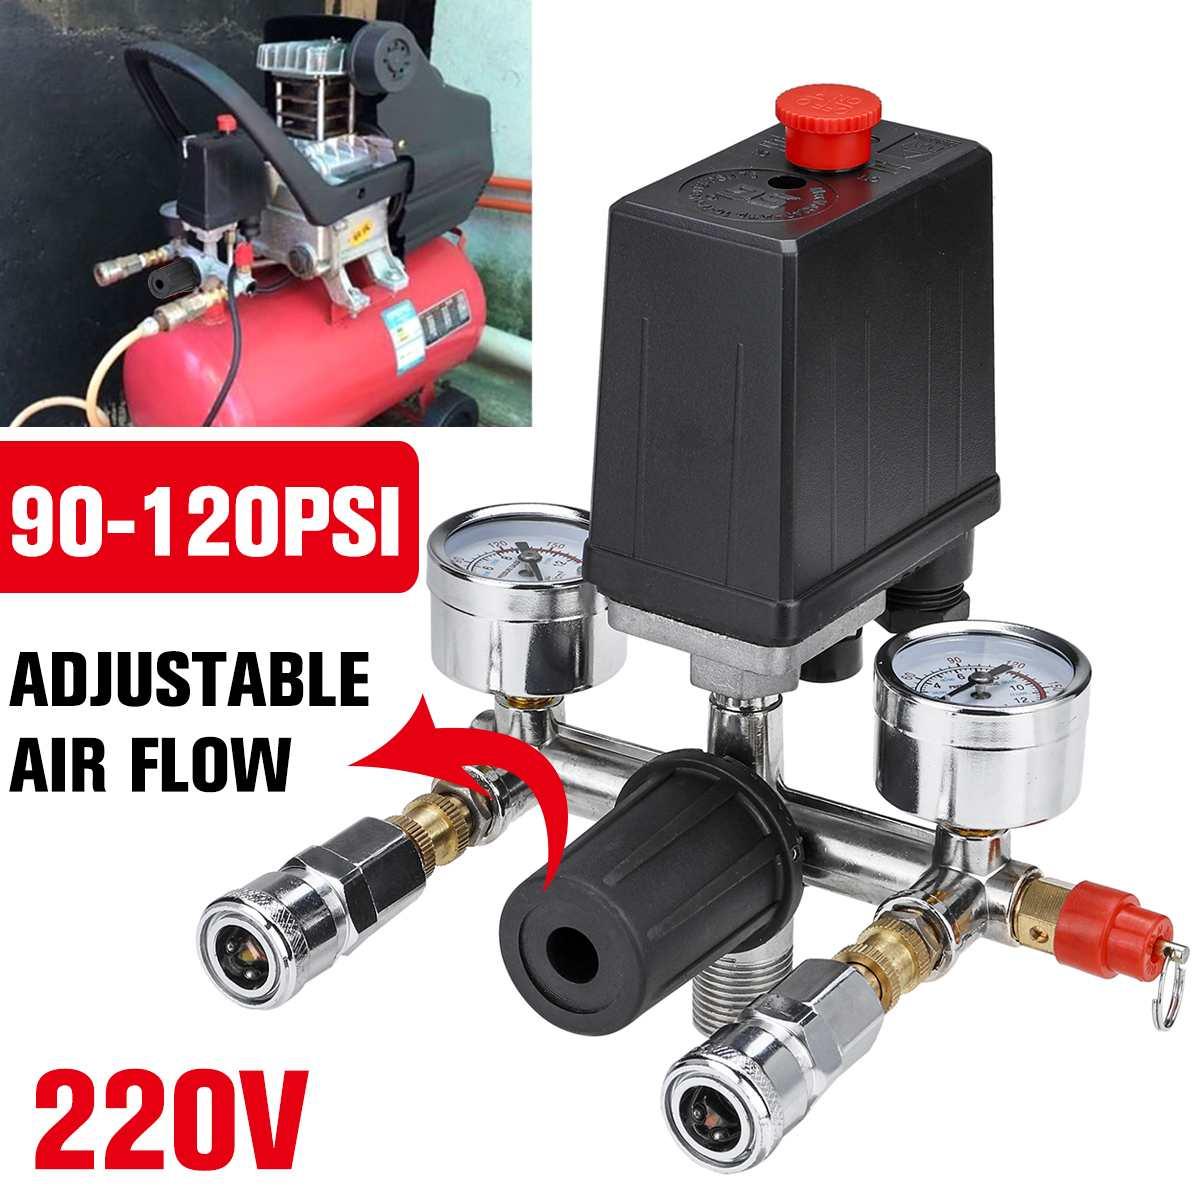 220 فولت ضاغط الهواء مفتاح ضغط صمام مضخة سبائك الألومنيوم التحكم صمام مشعب الإغاثة منظم مع 0-180 Psi مقياس